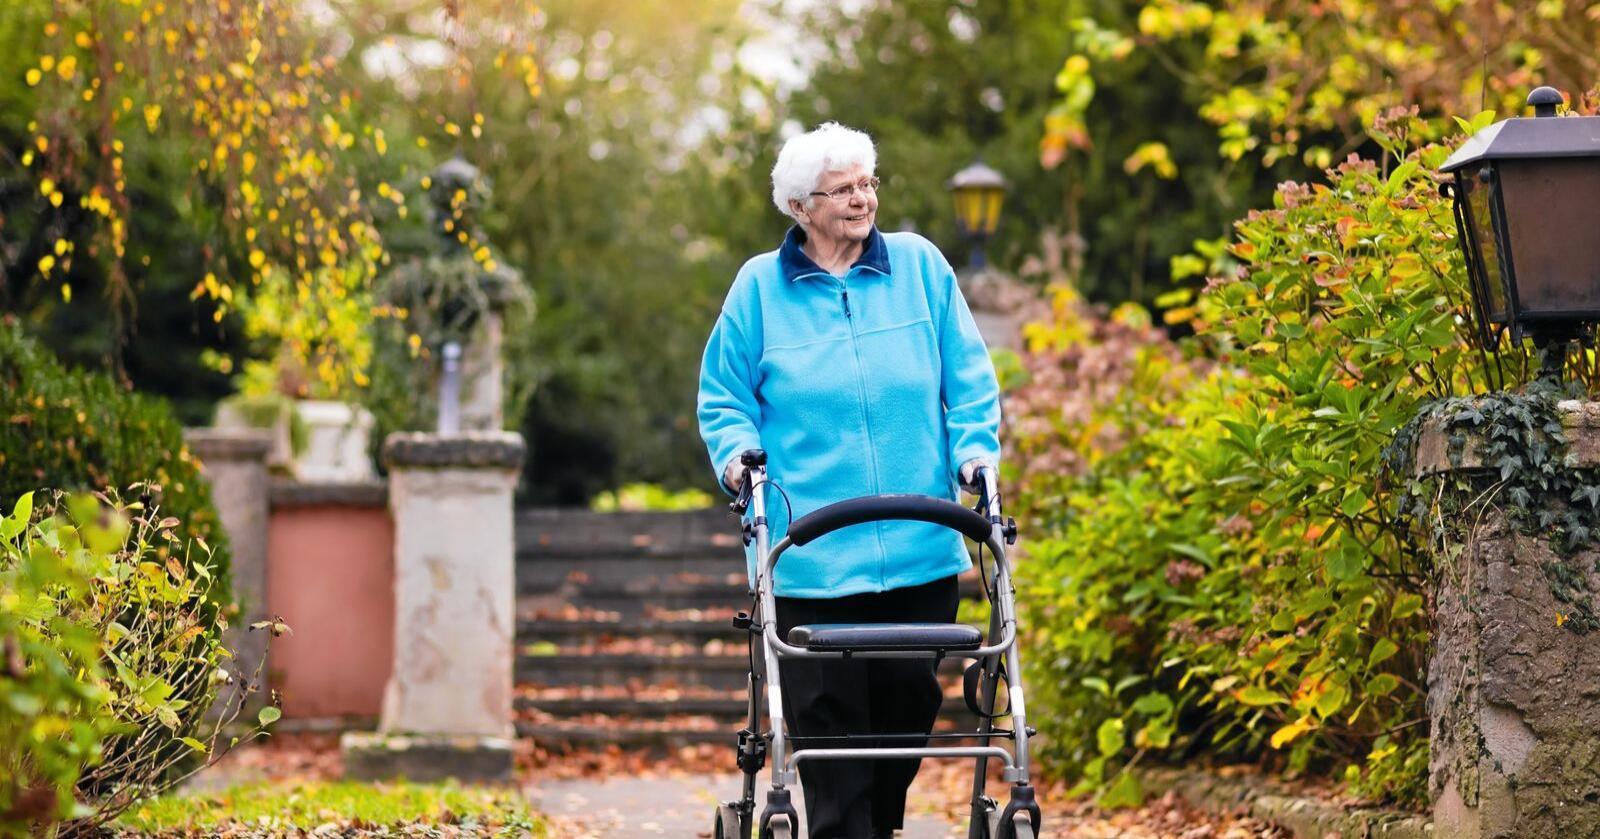 Positivt bilde: I rapporten beskriver forskerne positivt bilde av distrikter og aldring. Illustrasjonsfoto: Mostphotos